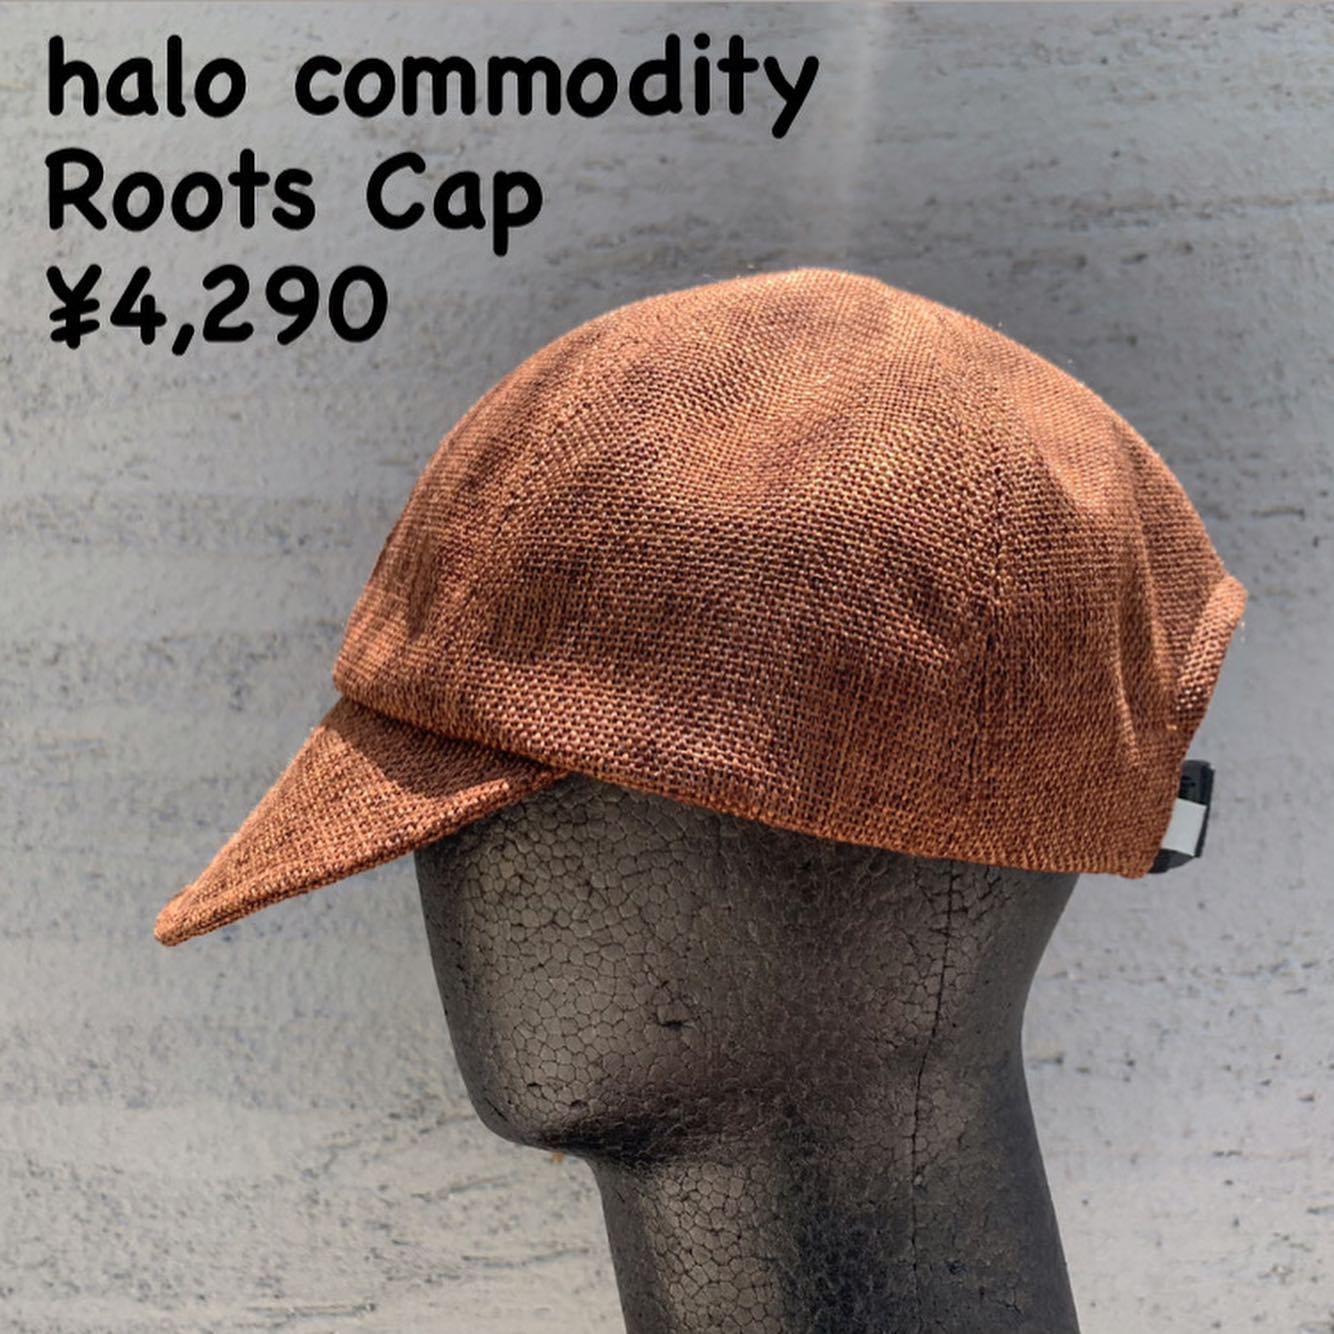 清涼感のある天然ライクなキャップ『halo commodity ルーツキャップ』のご紹介